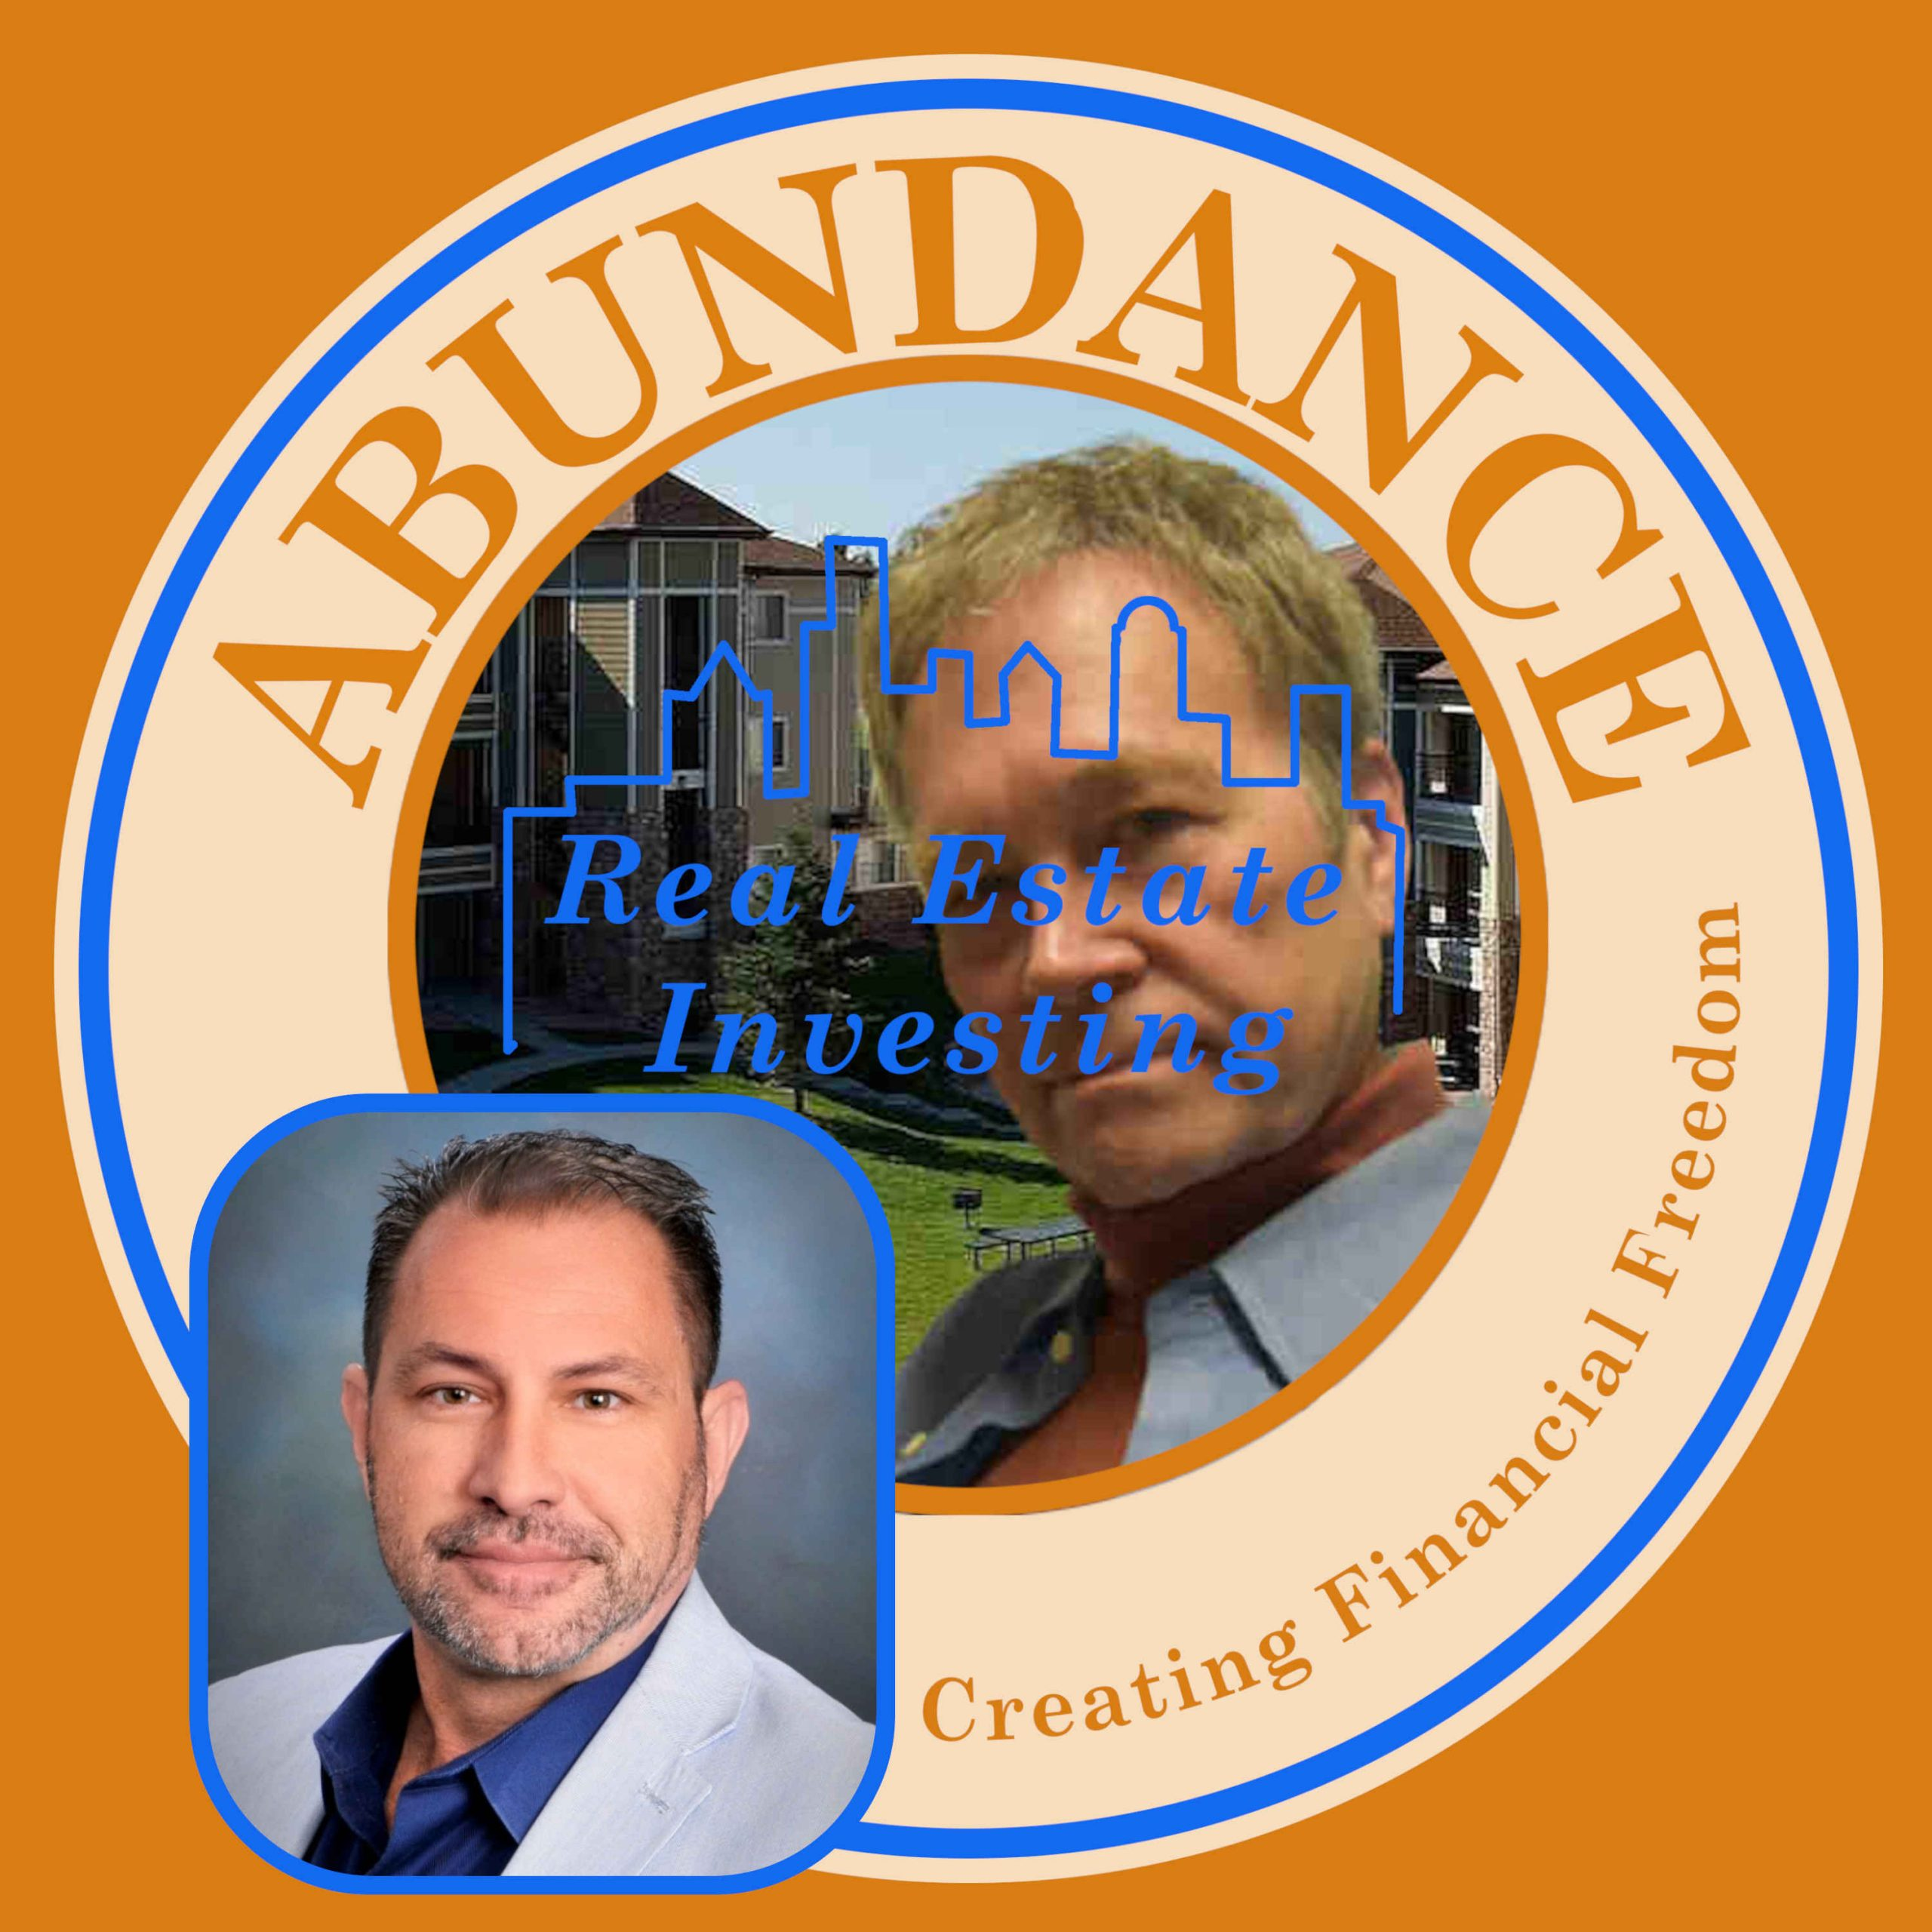 shannon robnett real estate investing abundance logo